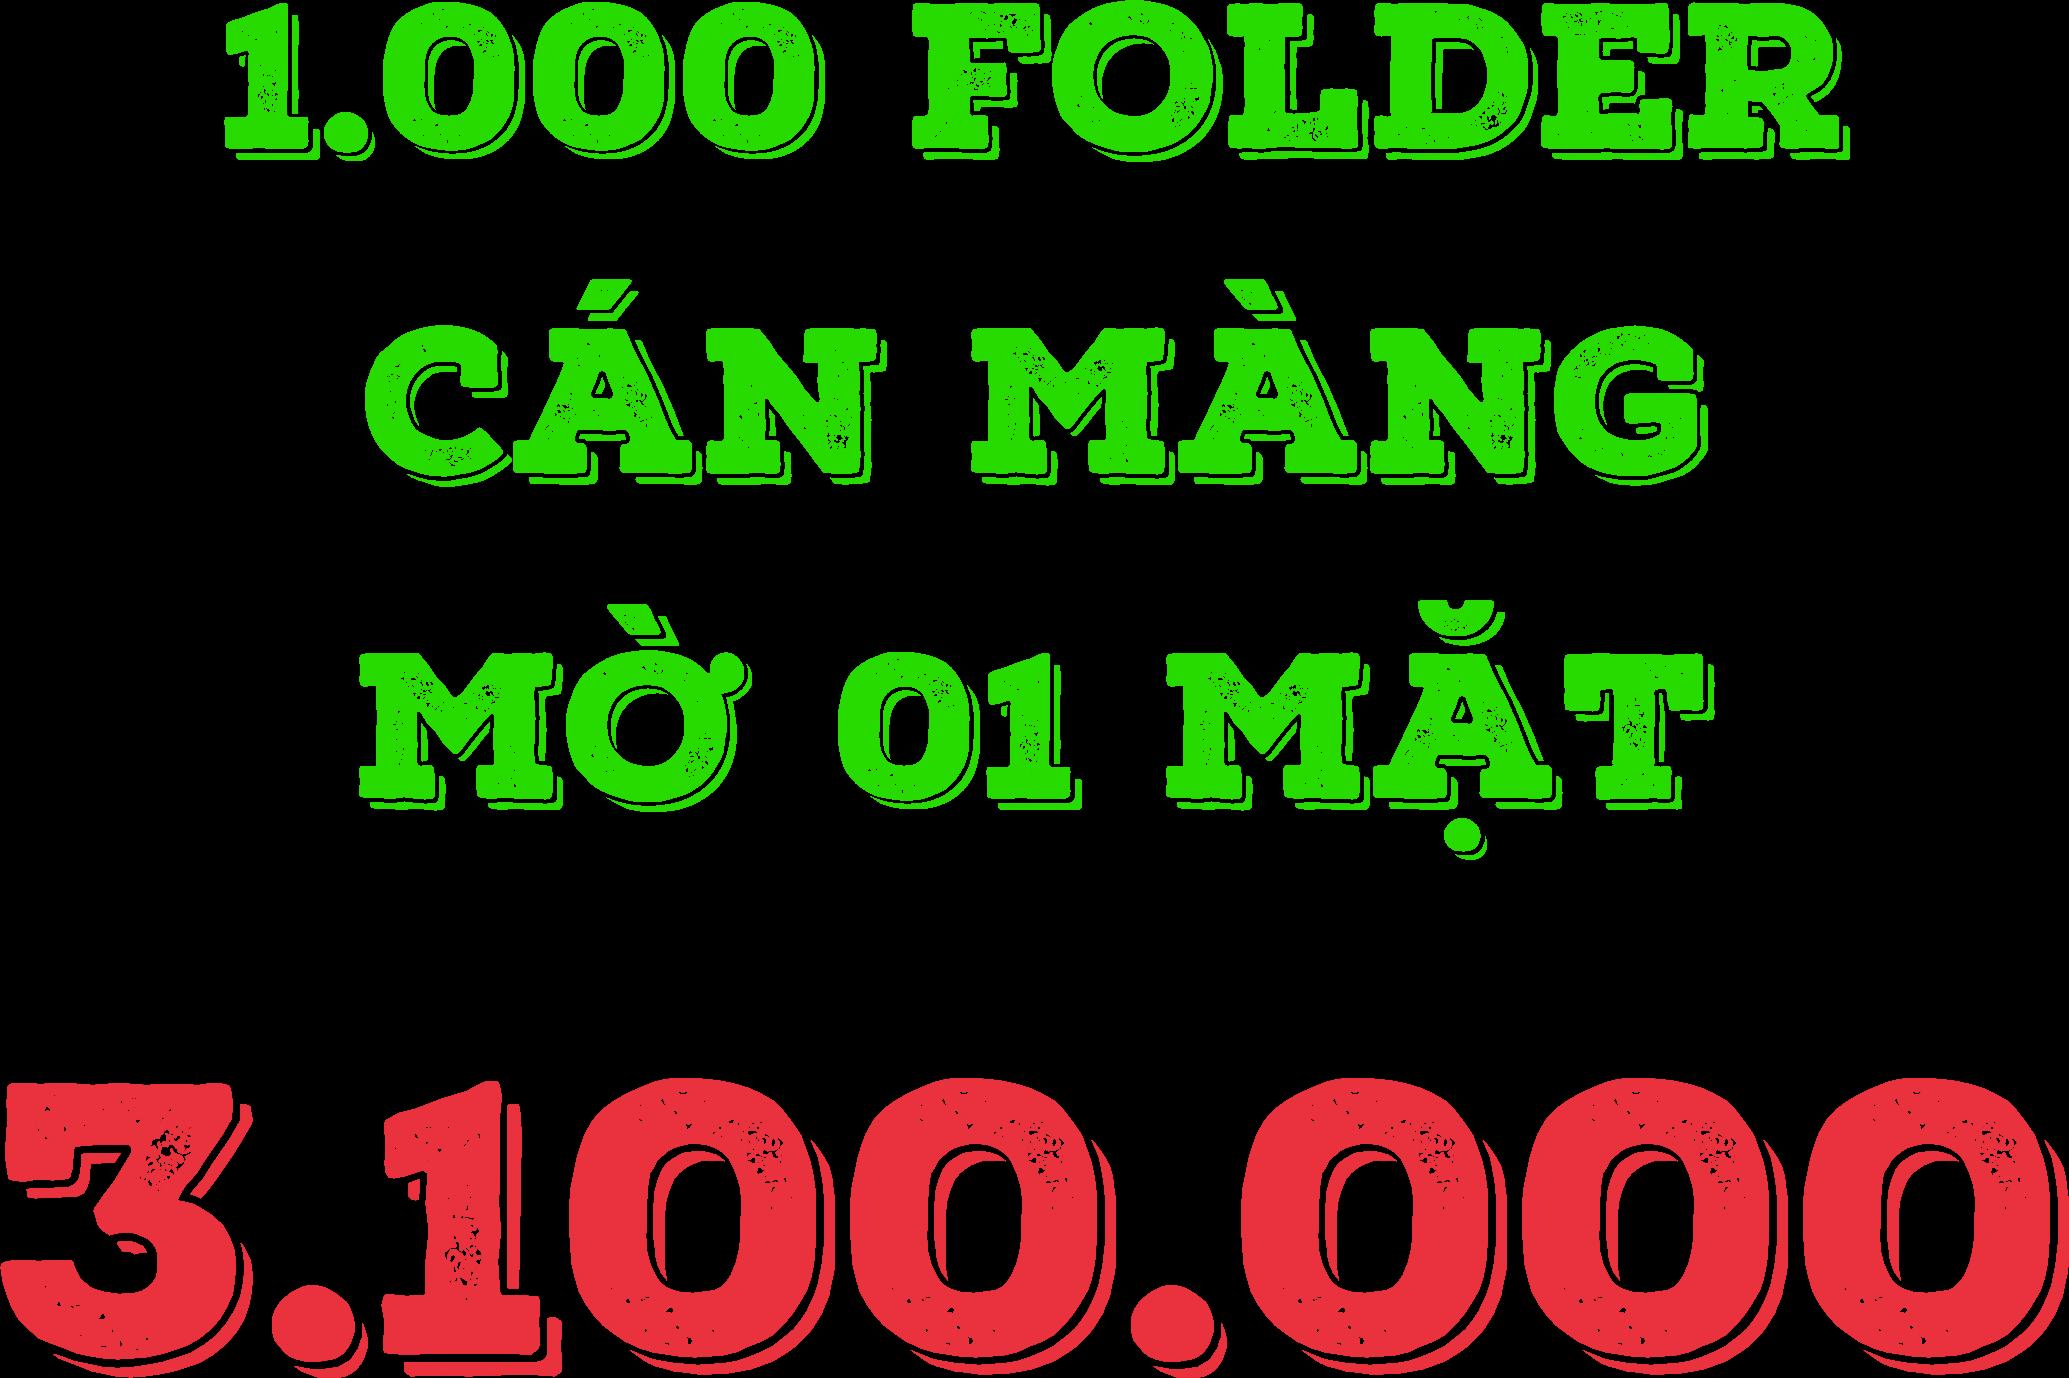 THIẾT KẾ MIỄN PHÍ 1000 tờ rơi 589.000, 1.000 cuon Catalogue 3.899.000, - 13